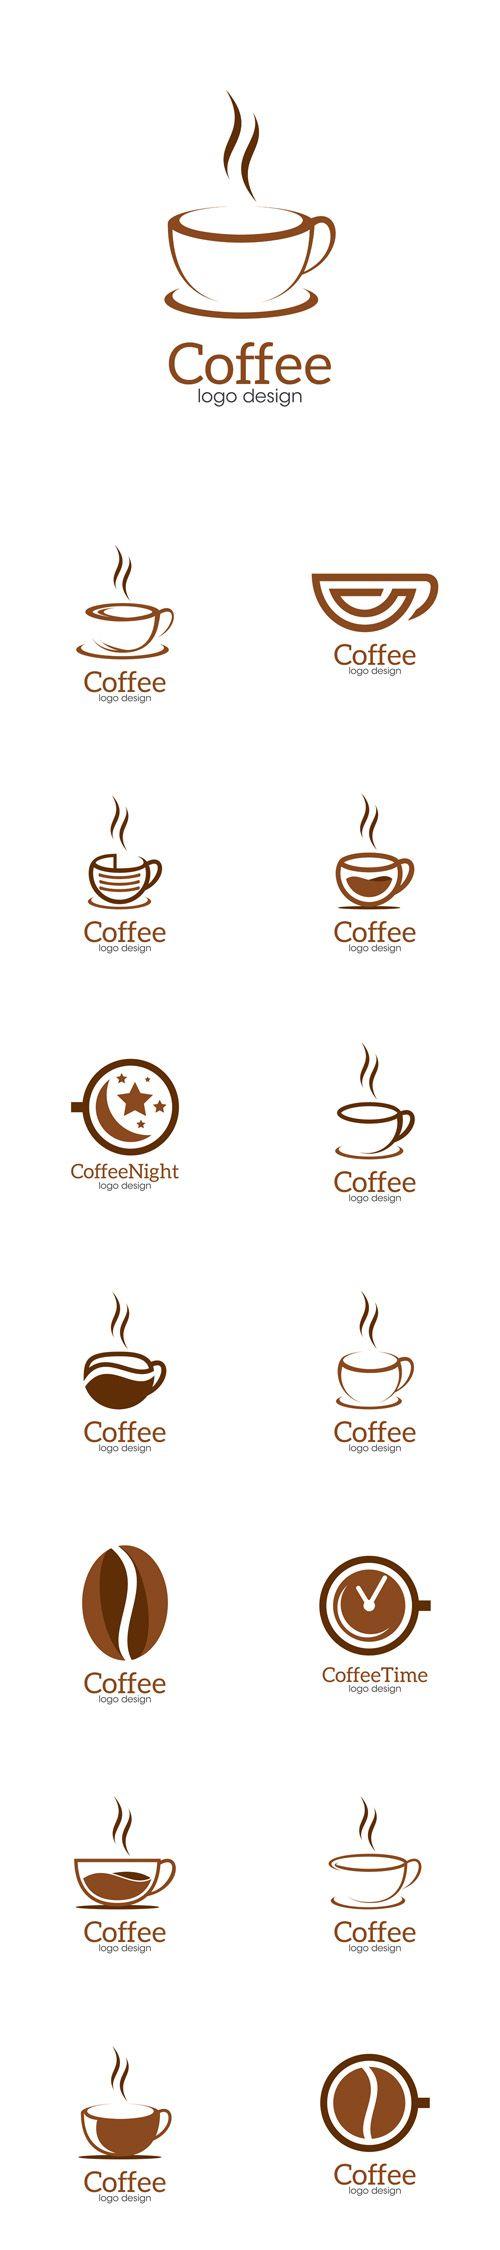 Vector Coffee Creative Concept Logo Design Template